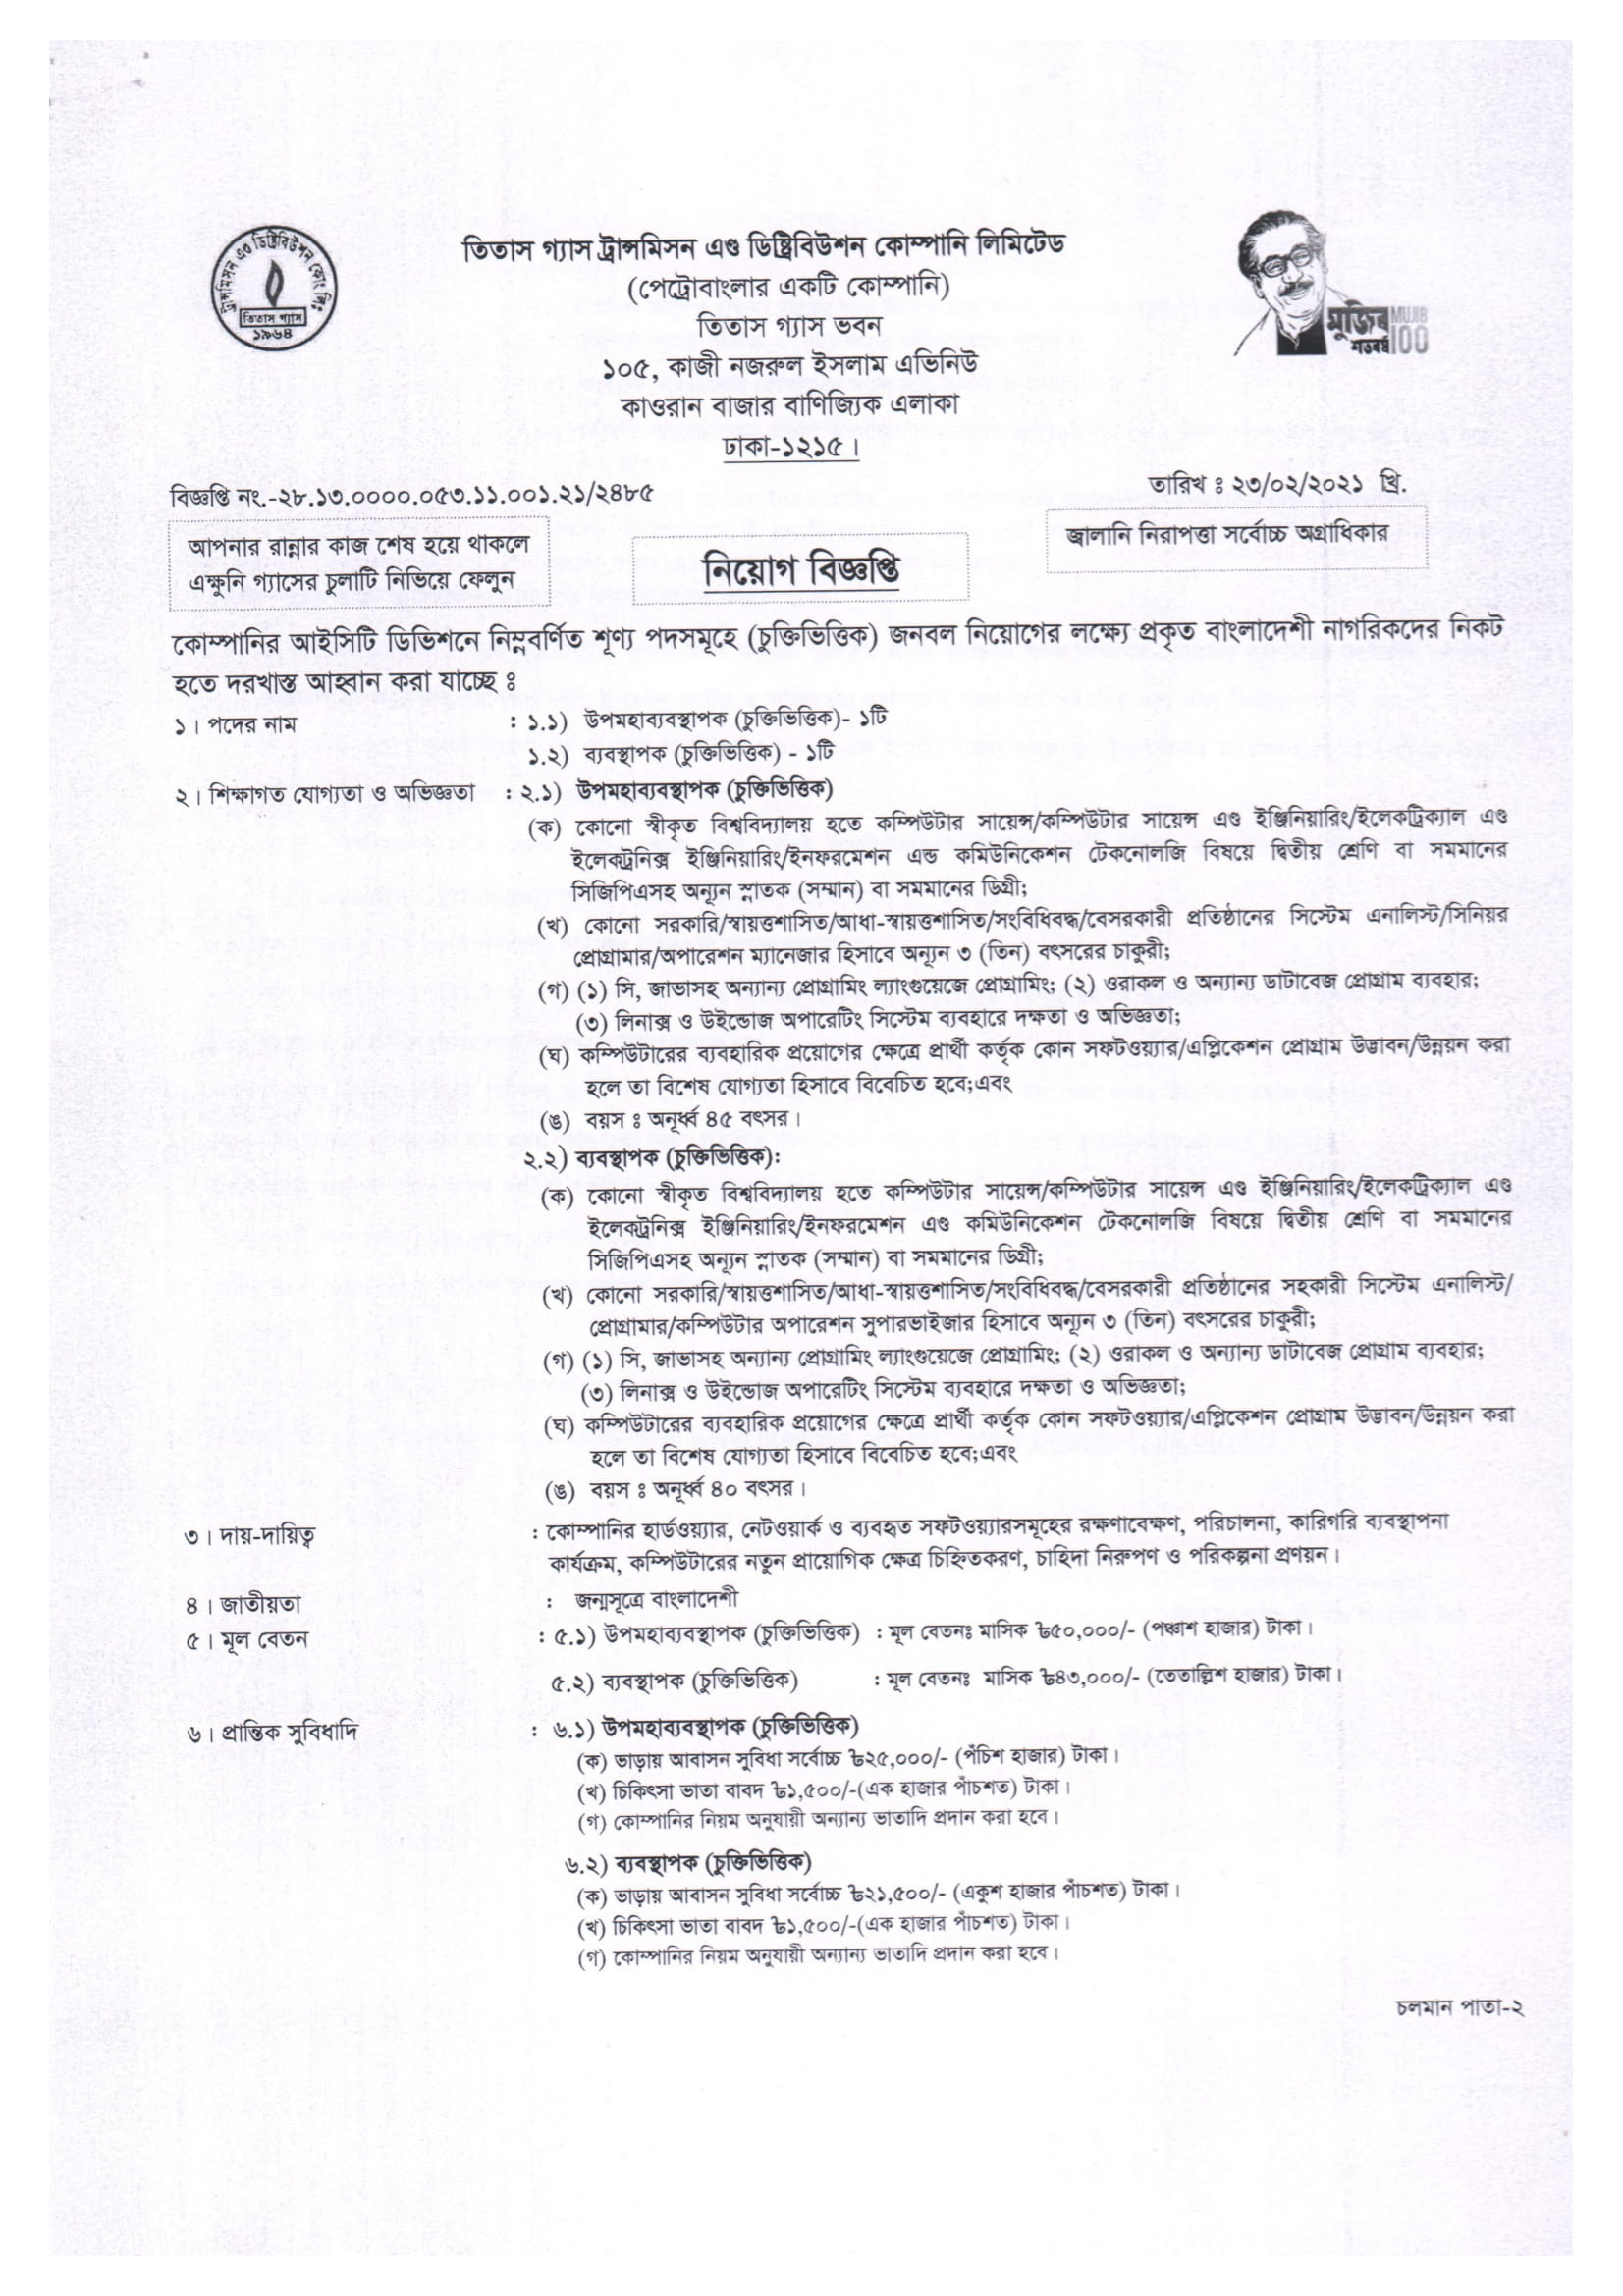 Titas Gas Transmission and Distribution Company Job Circular 2021